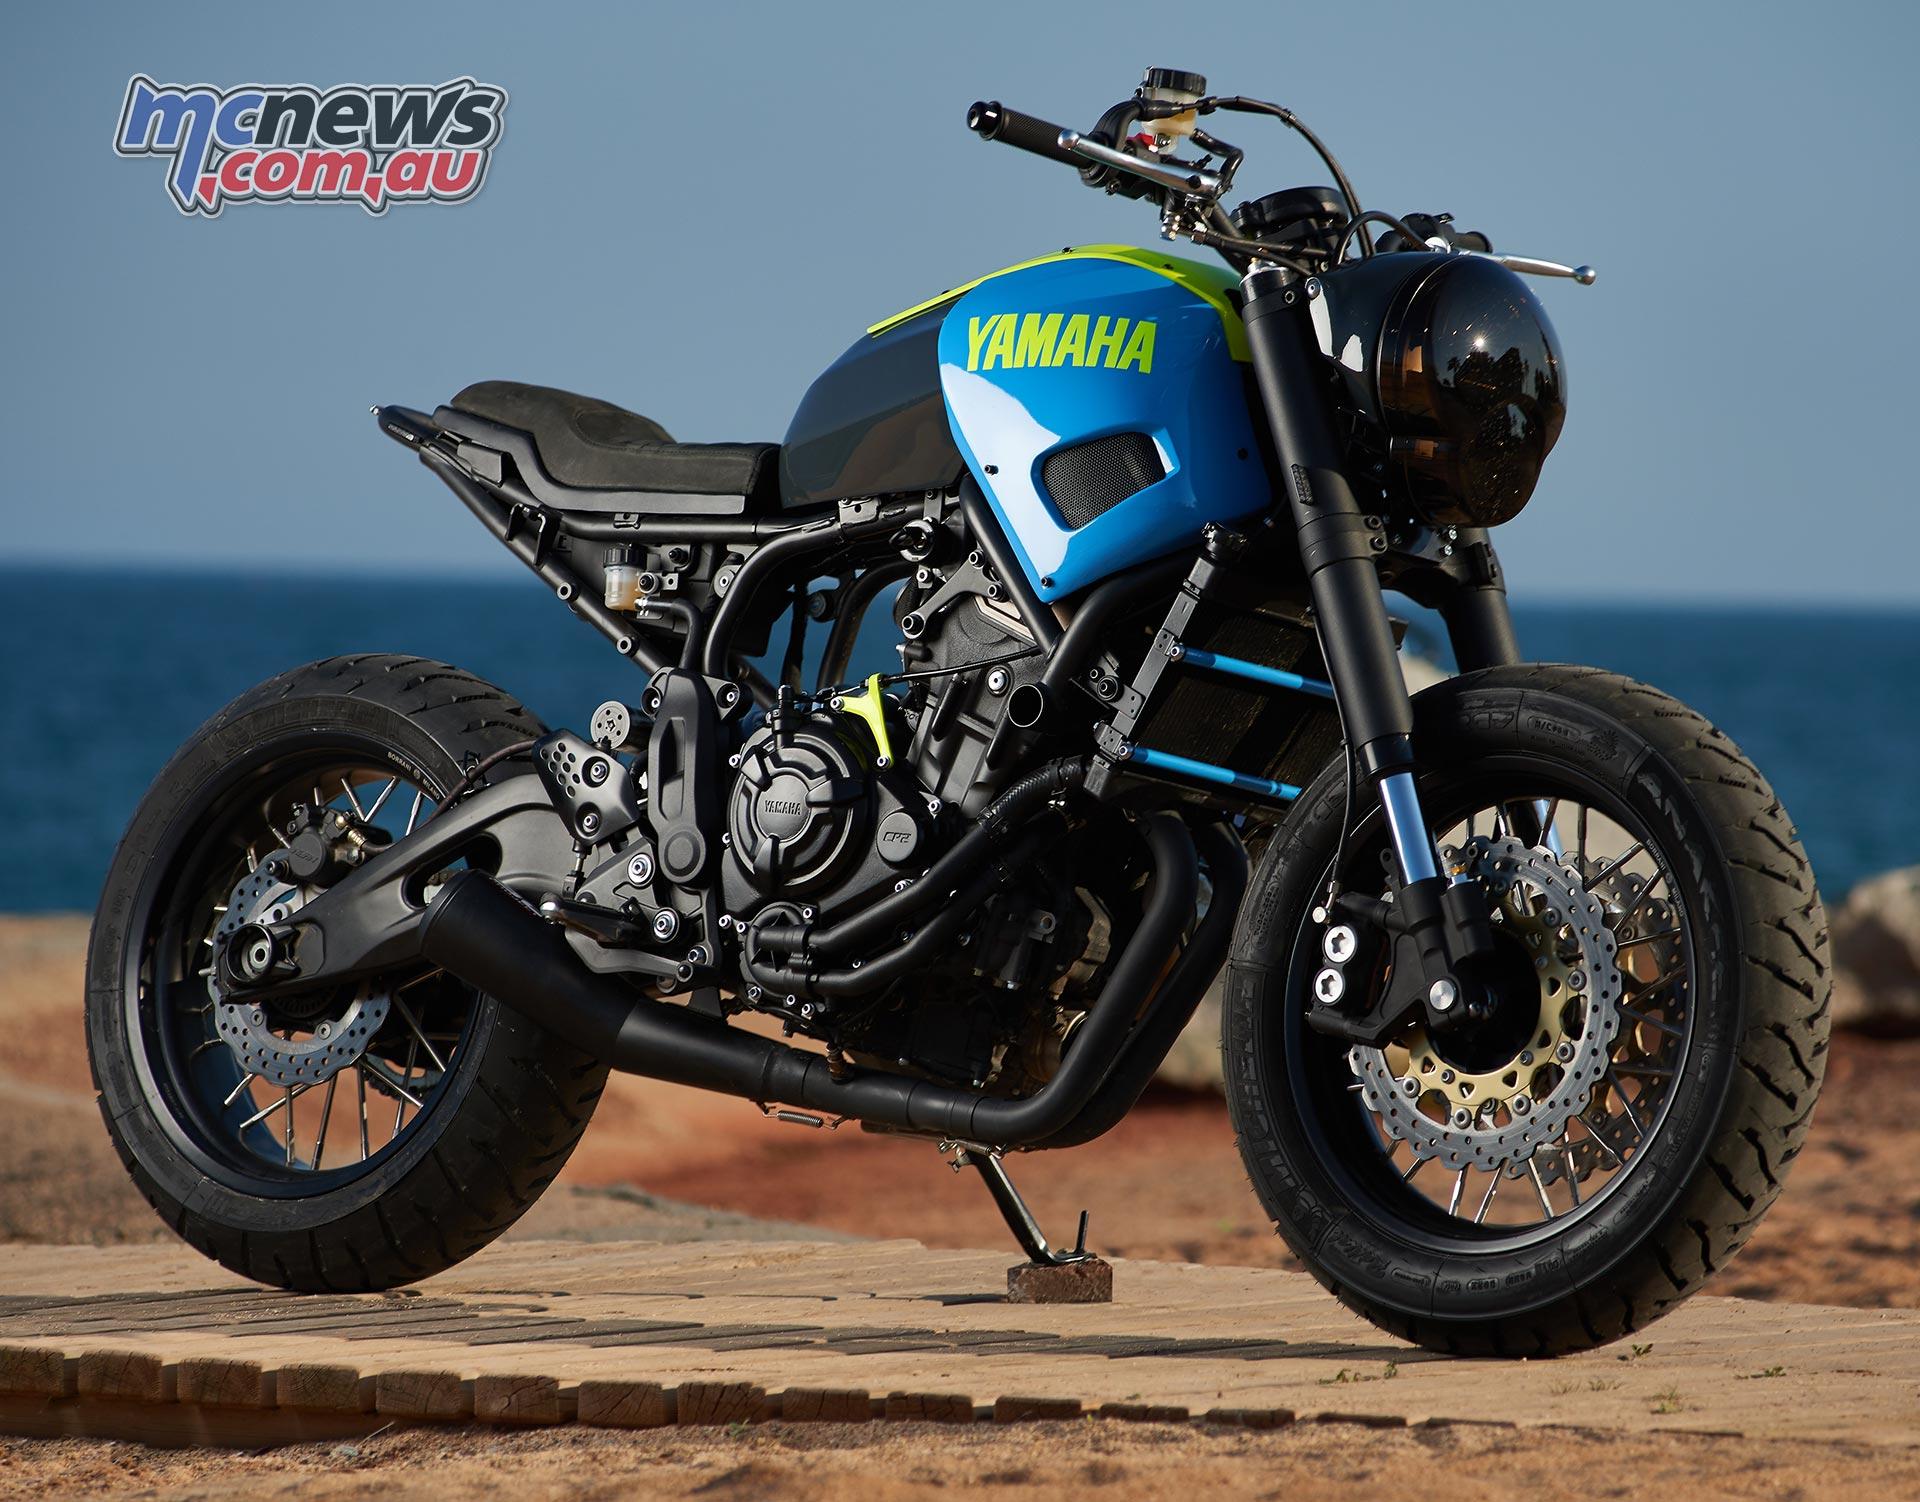 Yard Built Yamaha XSR700 Otokomae By Ad Hoc Cafe Racers